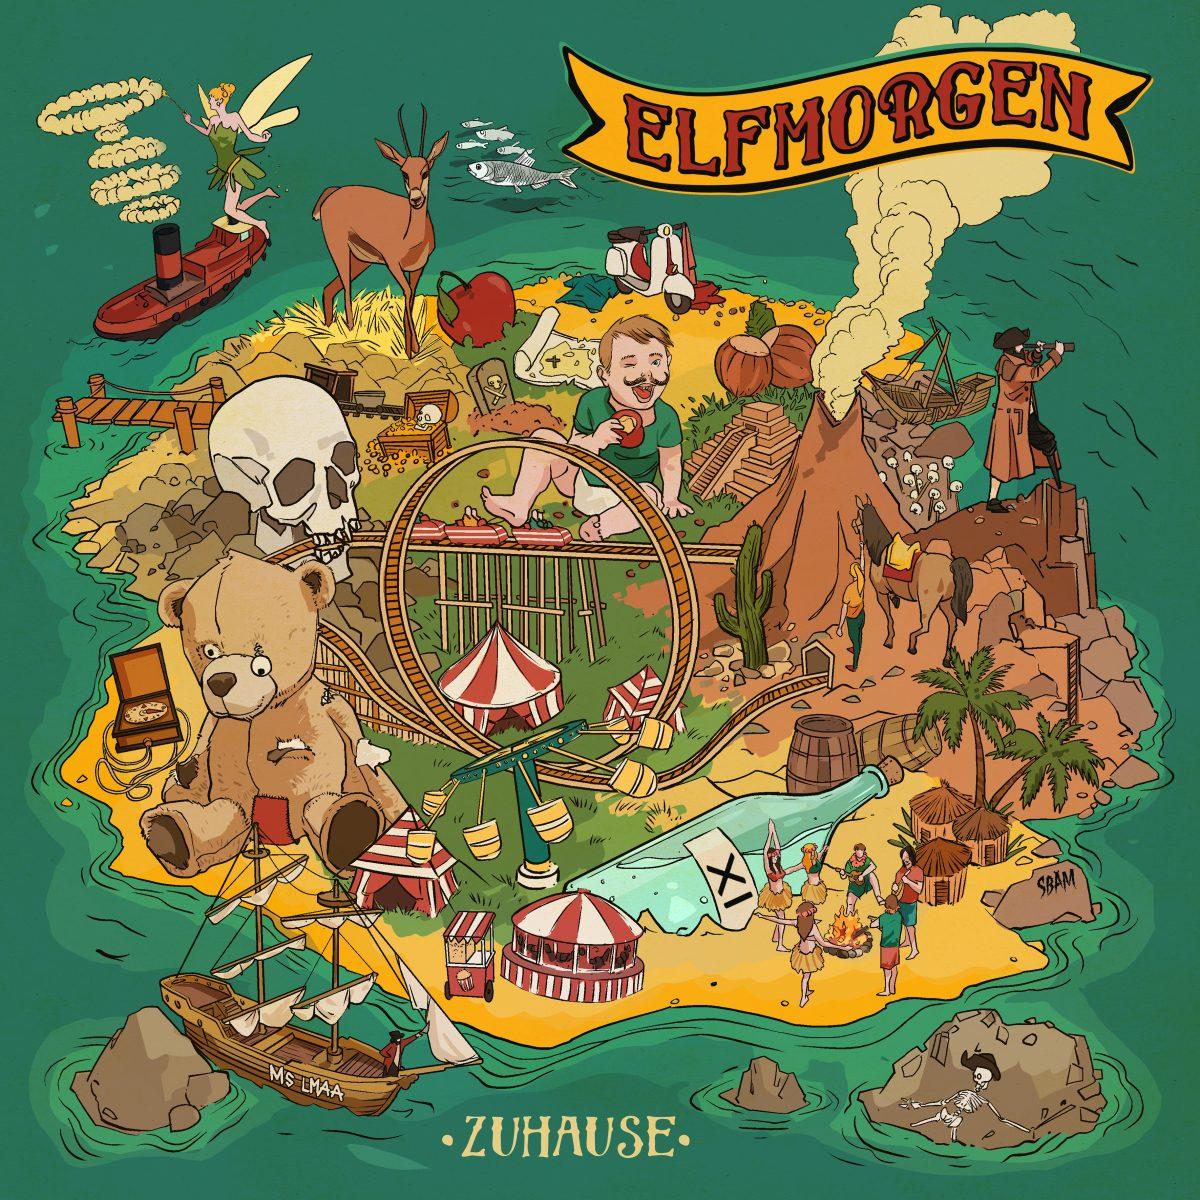 elfmorgen-zuhause-studiorueckkehr-album-review